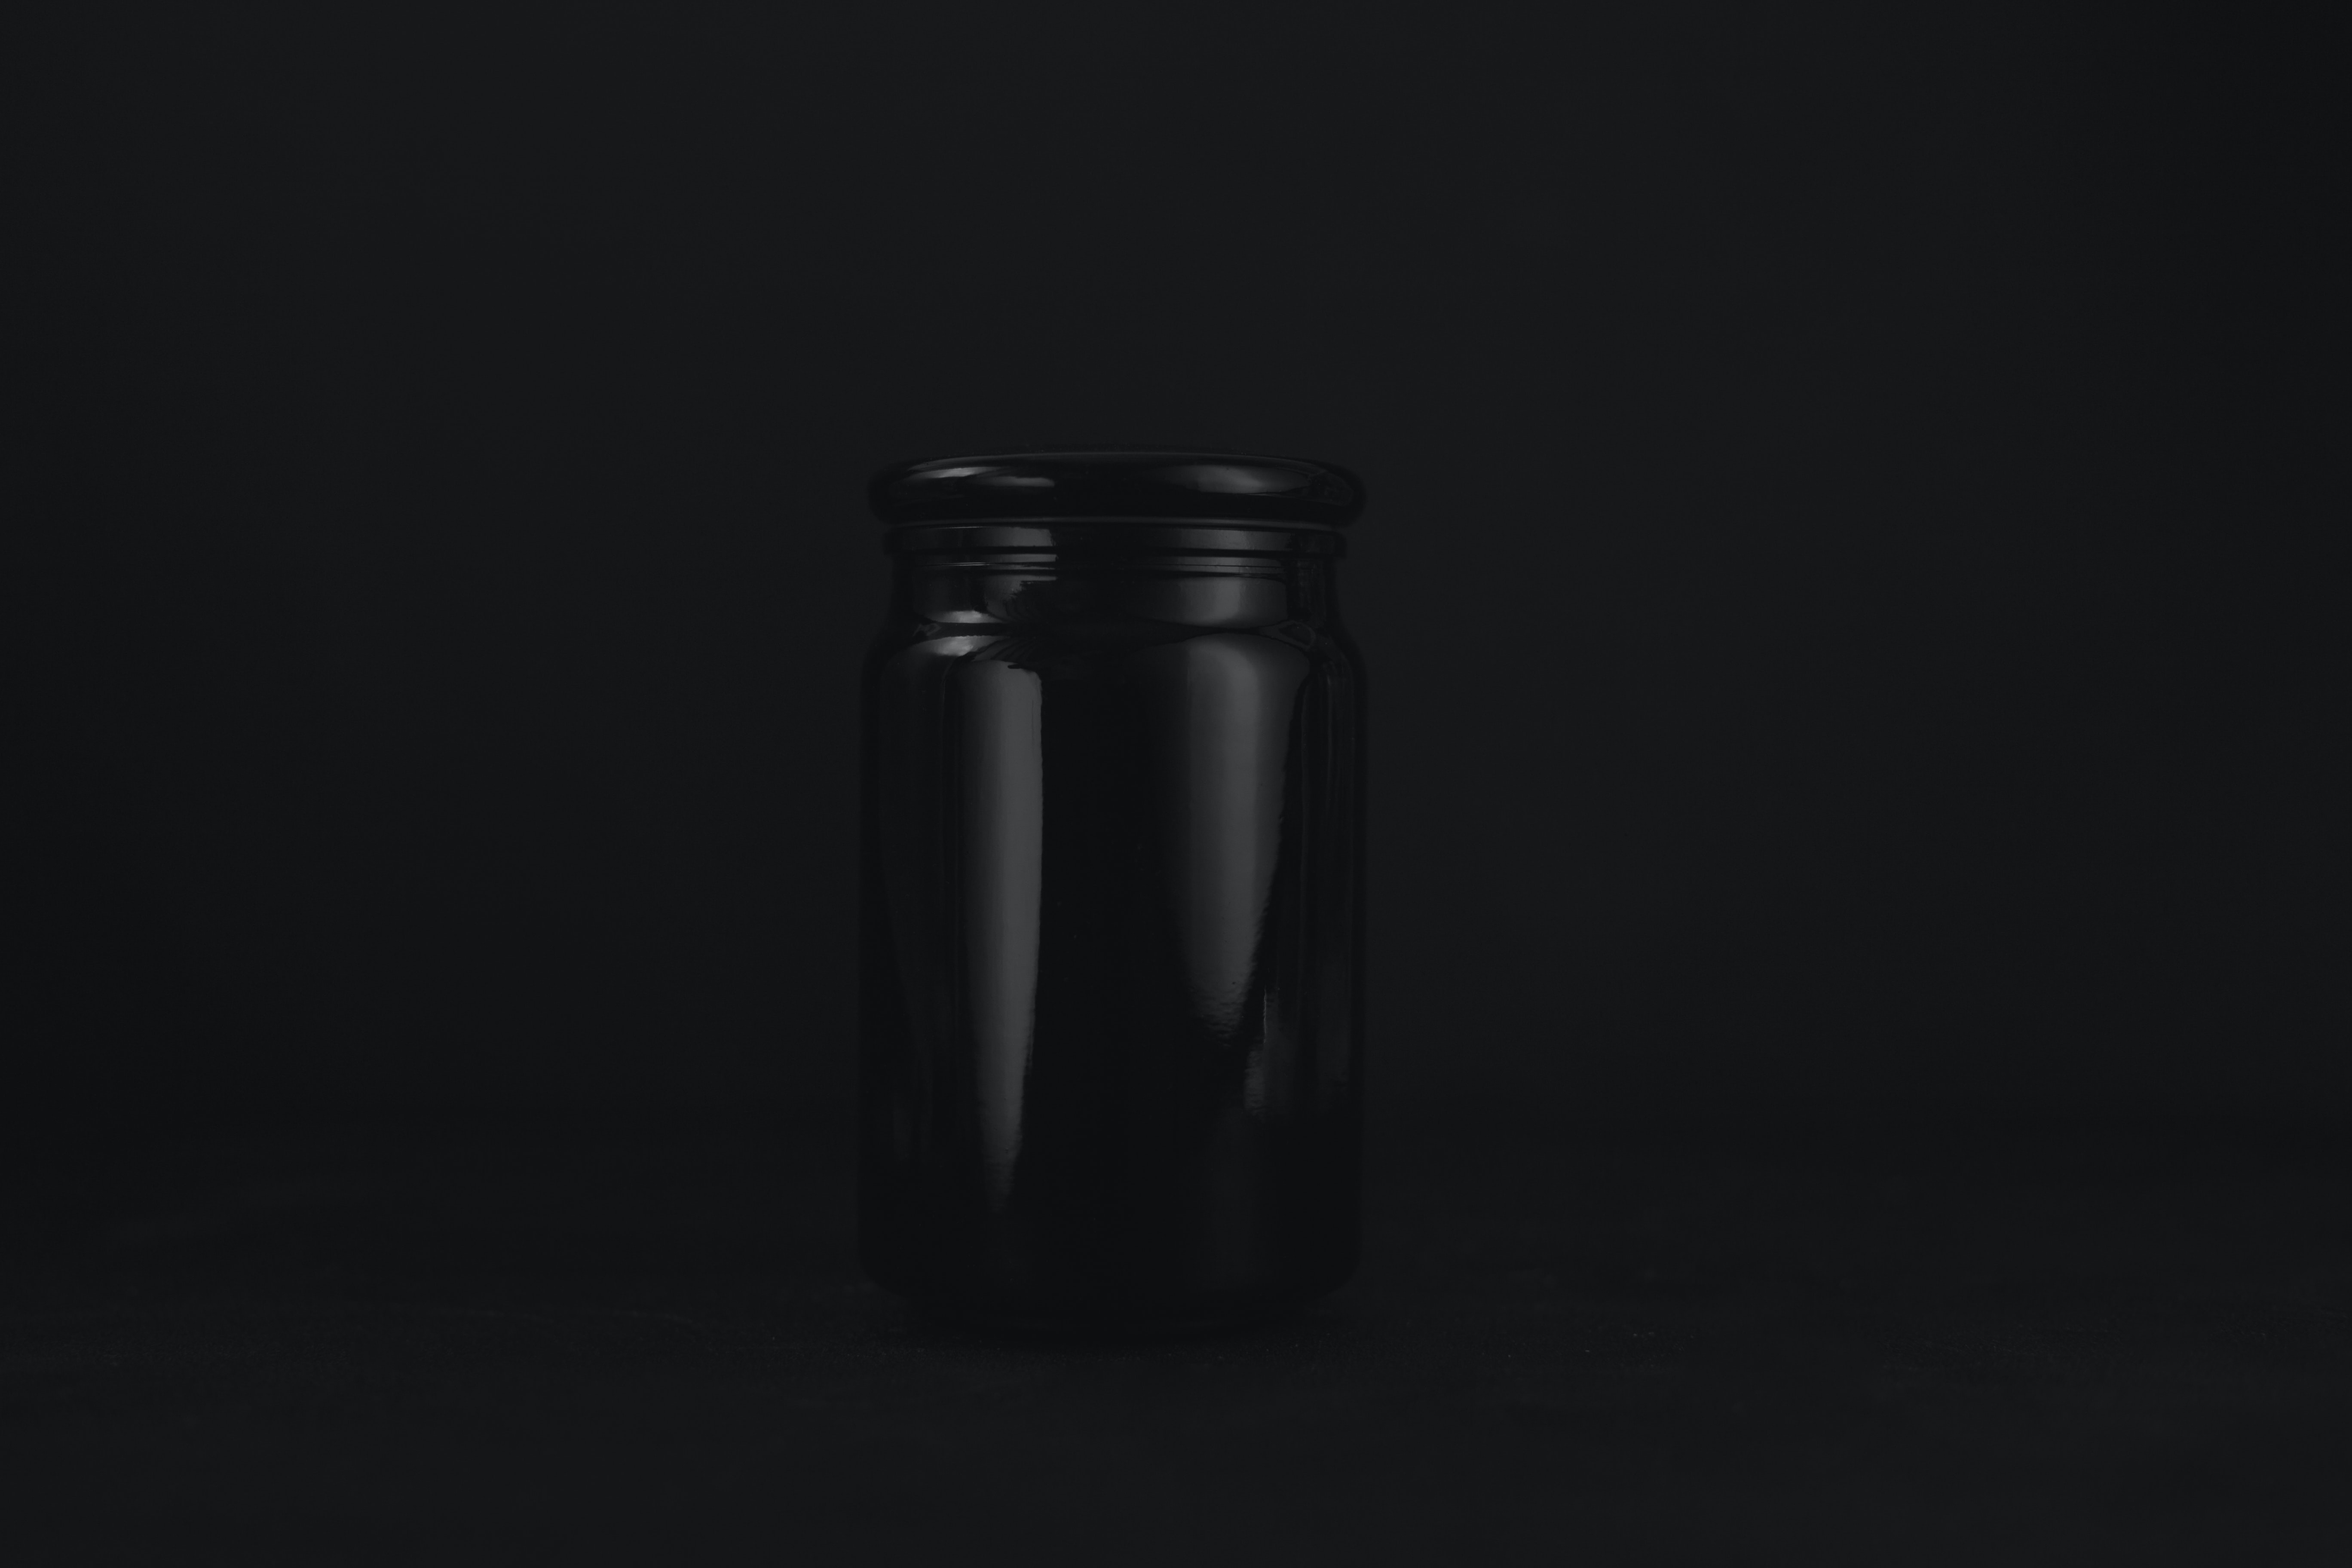 empty black glass jar